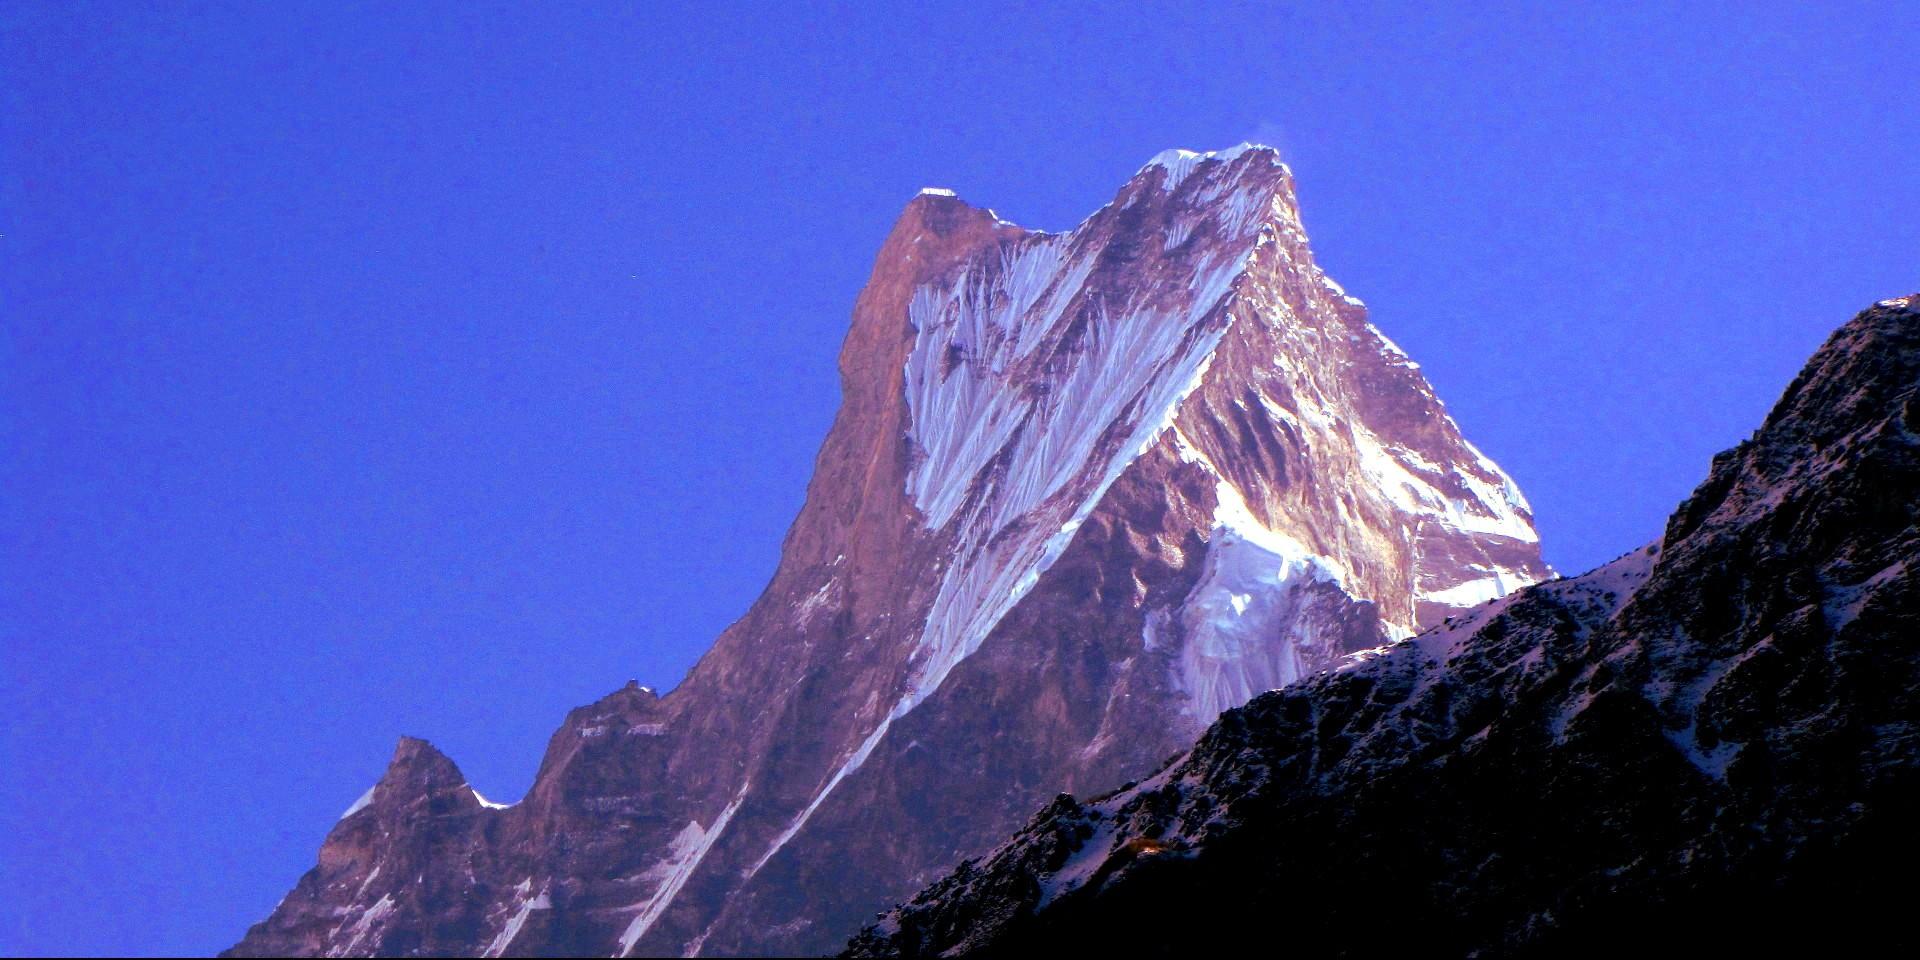 machhapuchhare-peak-1920x1078